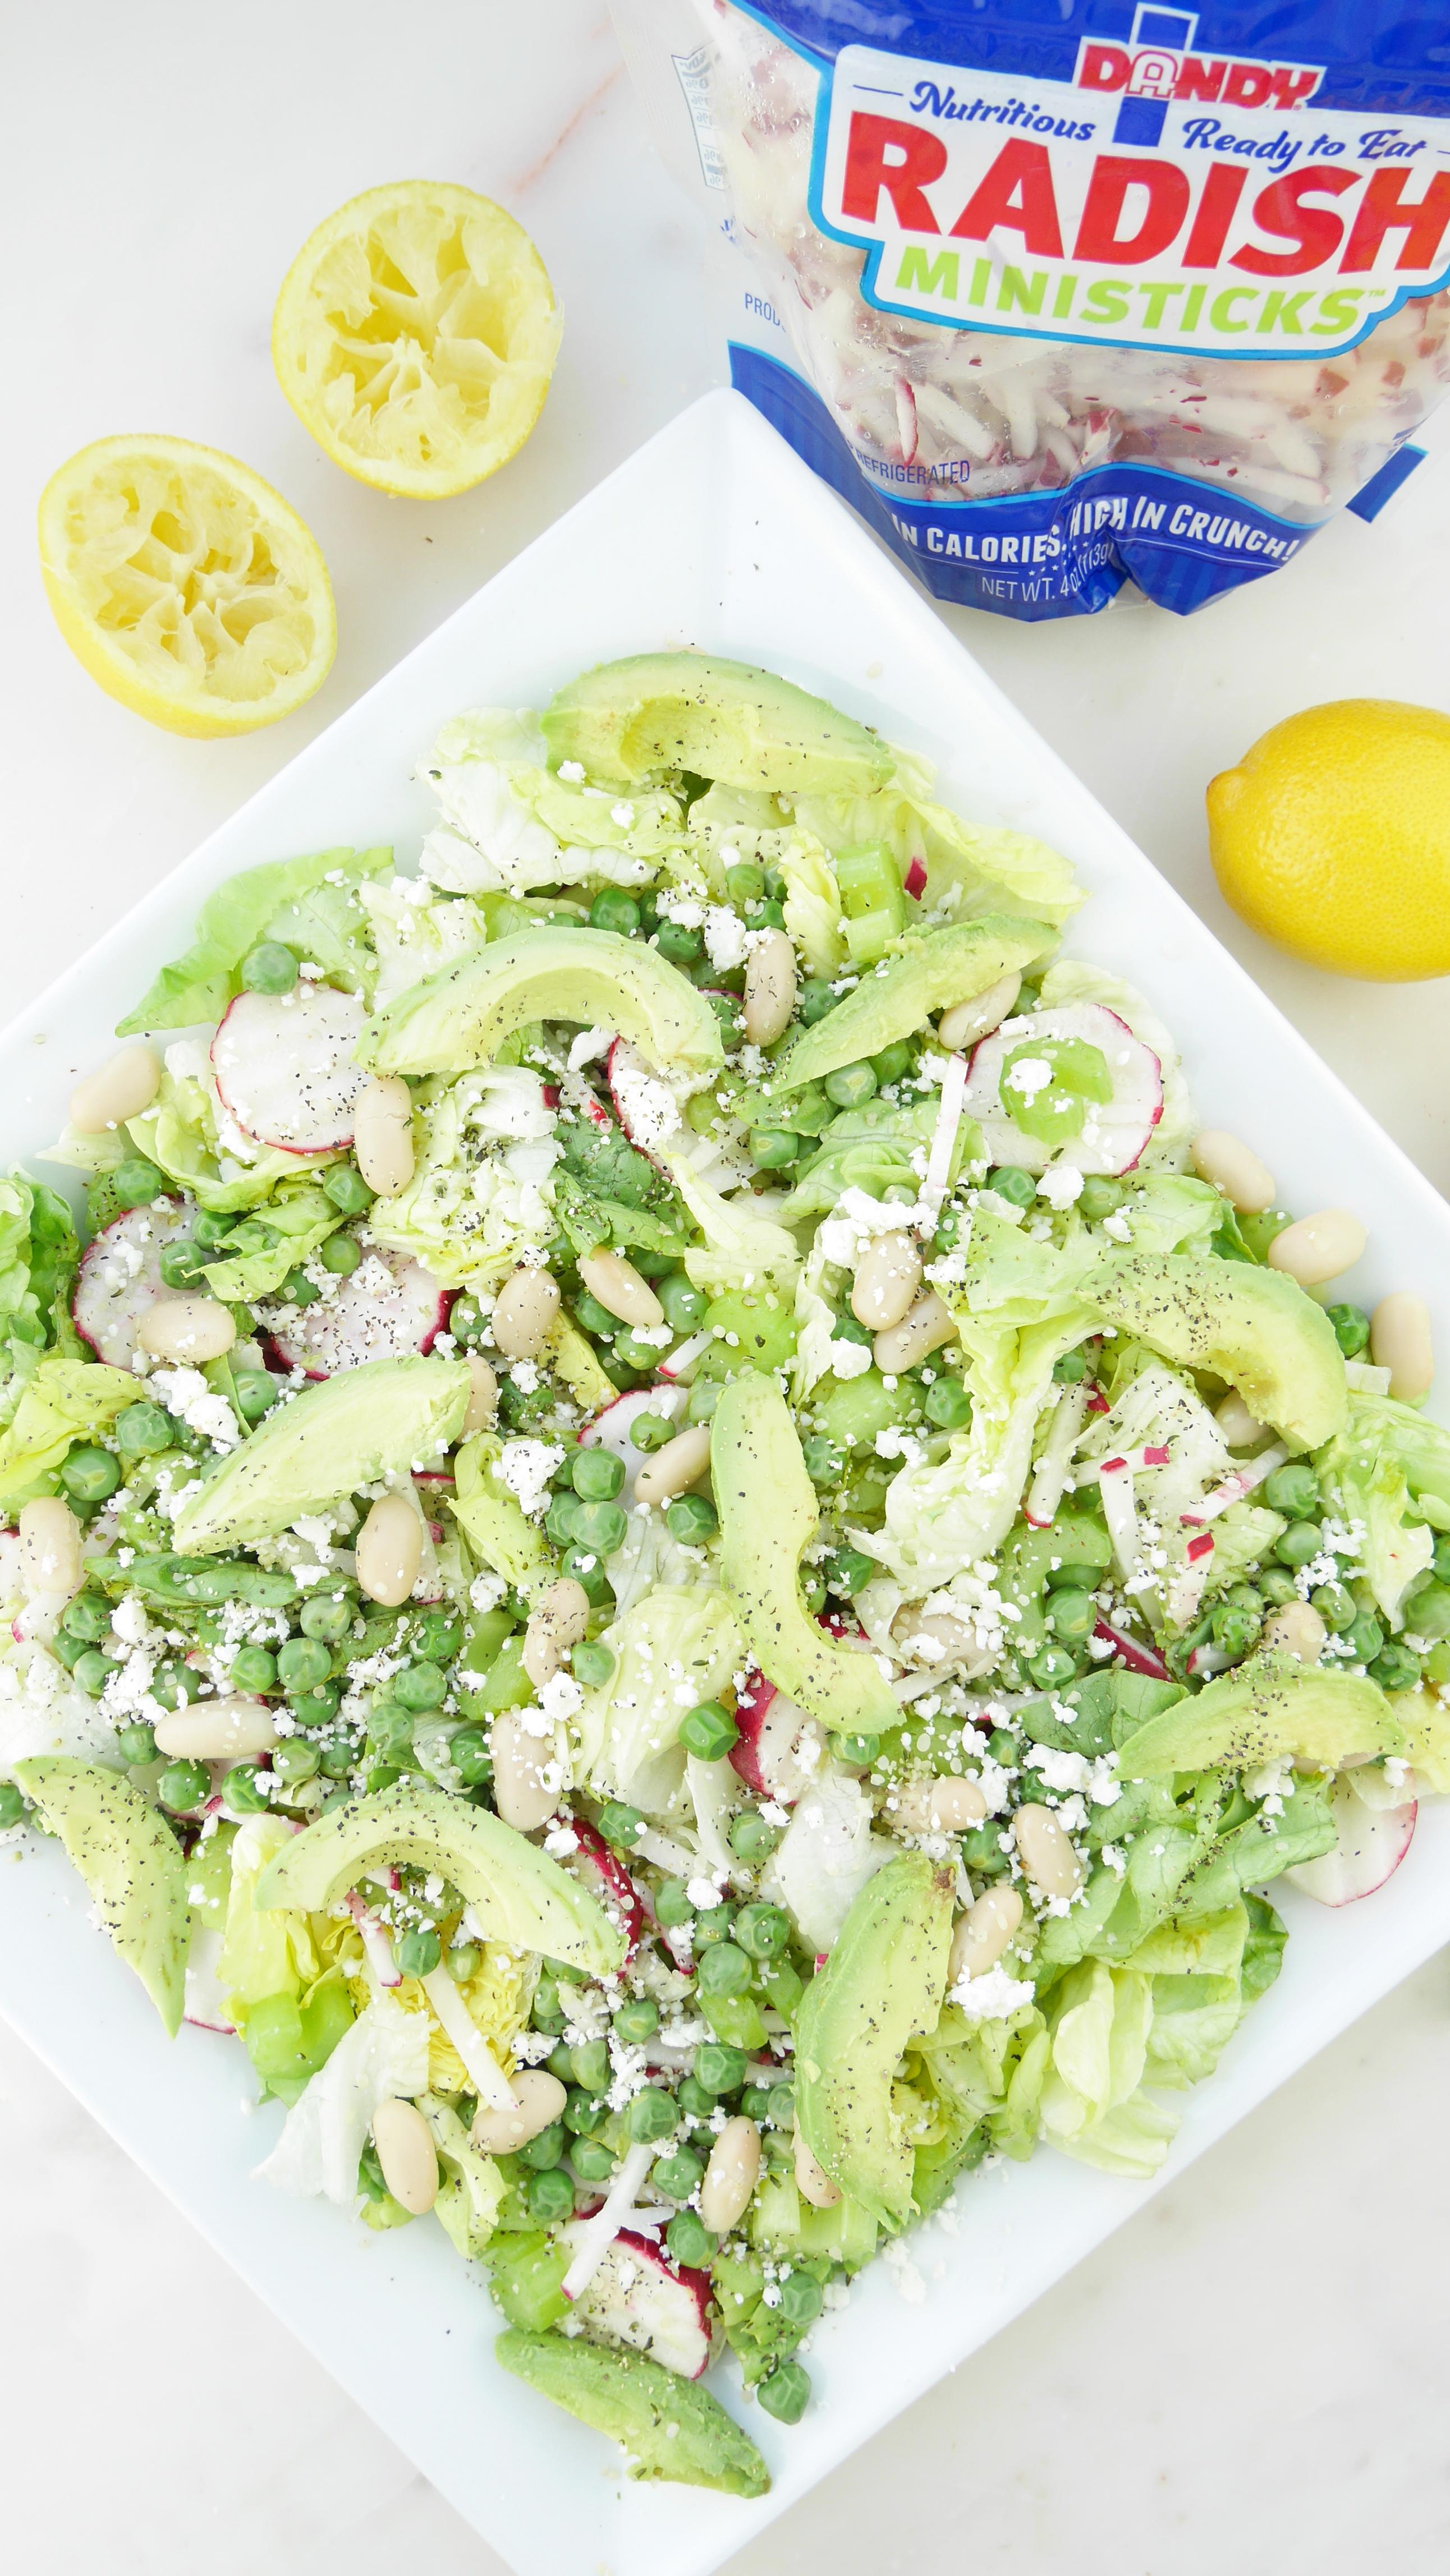 Dandy Fresh Produce Radishes Celery Salad